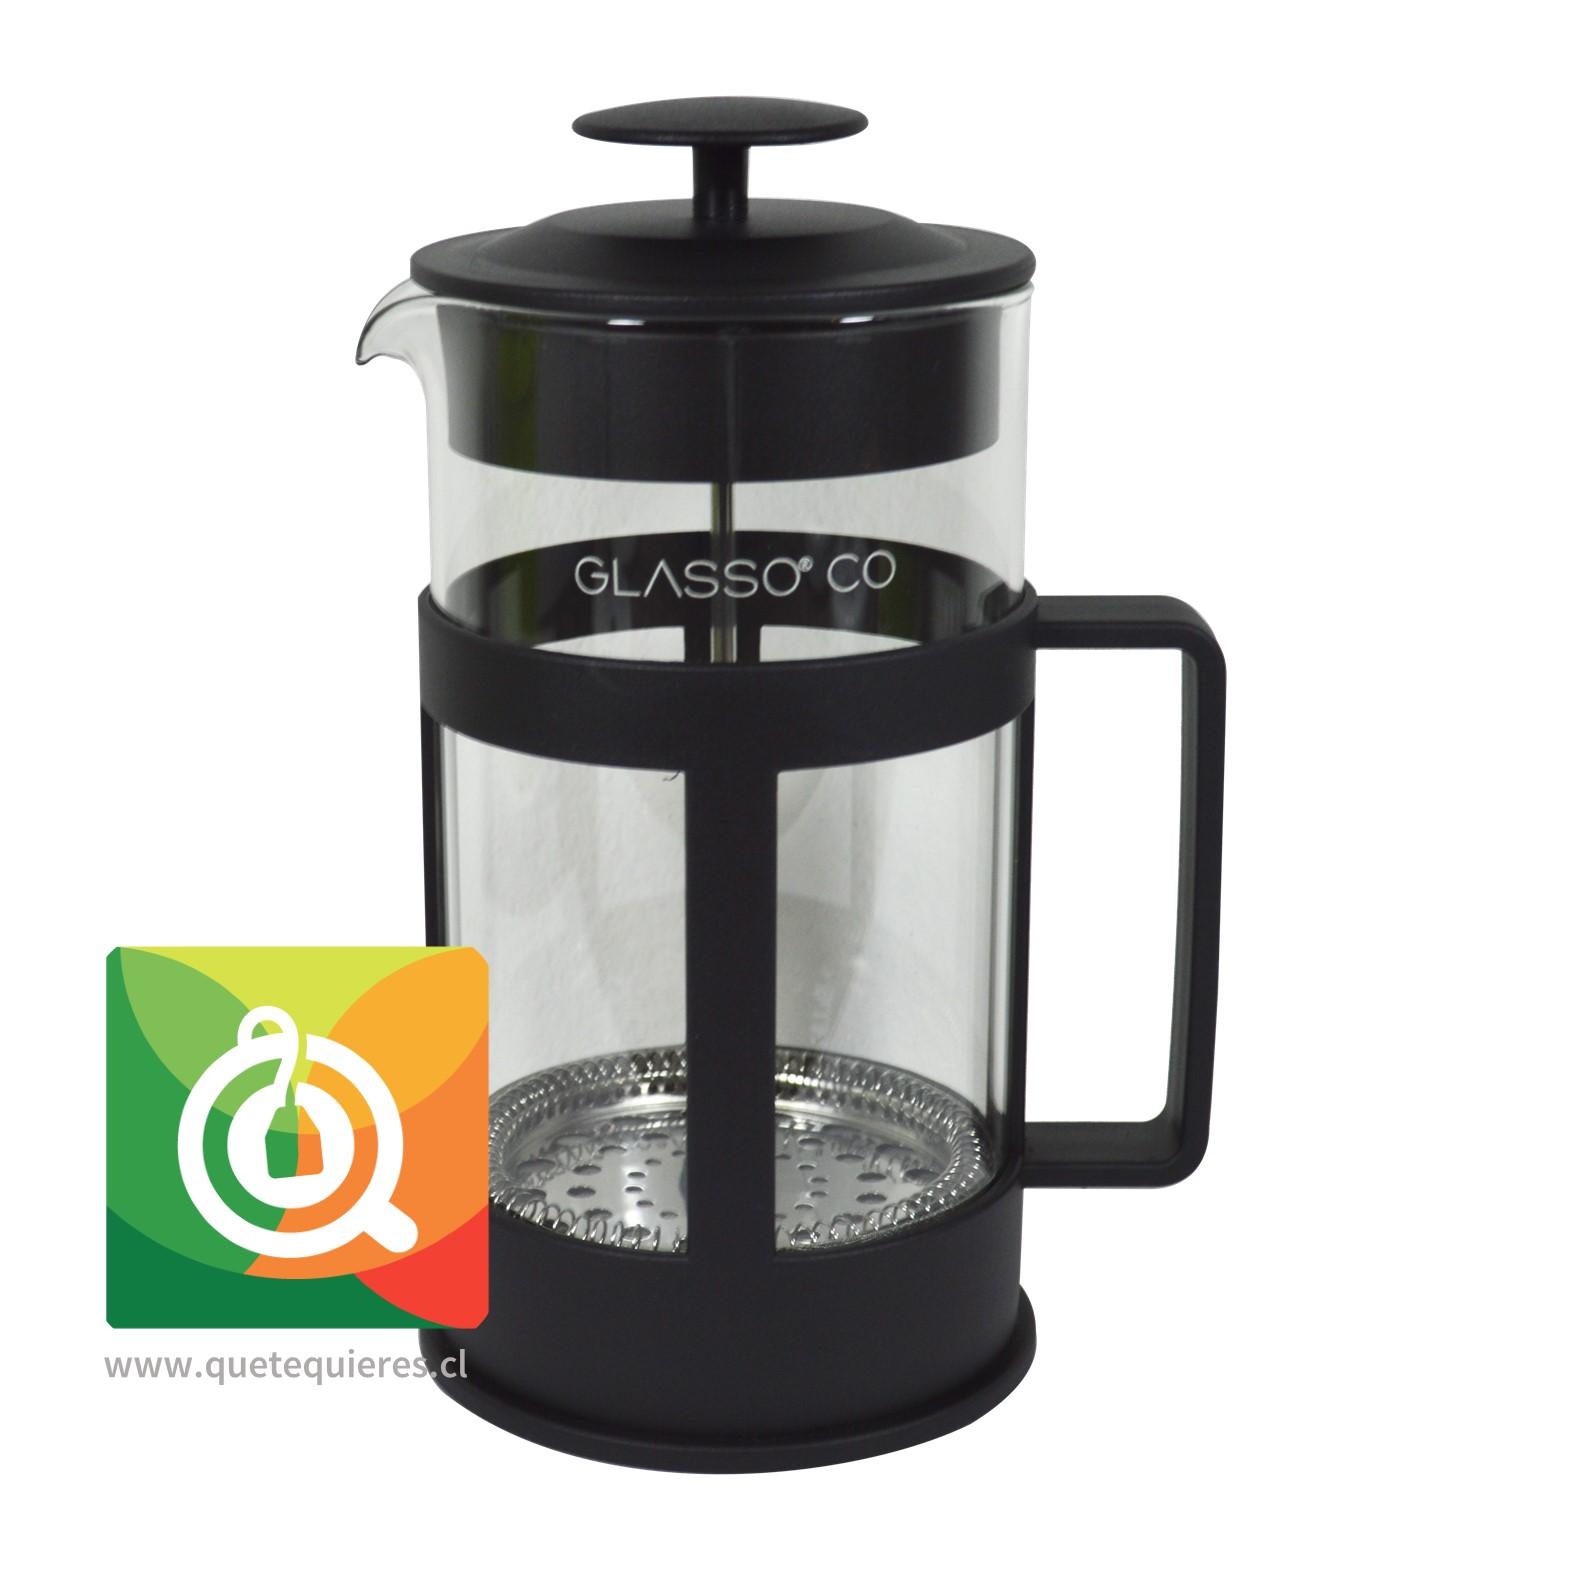 Pack Degustación Café Caribe + Prensa Francesa Glasso - Image 2